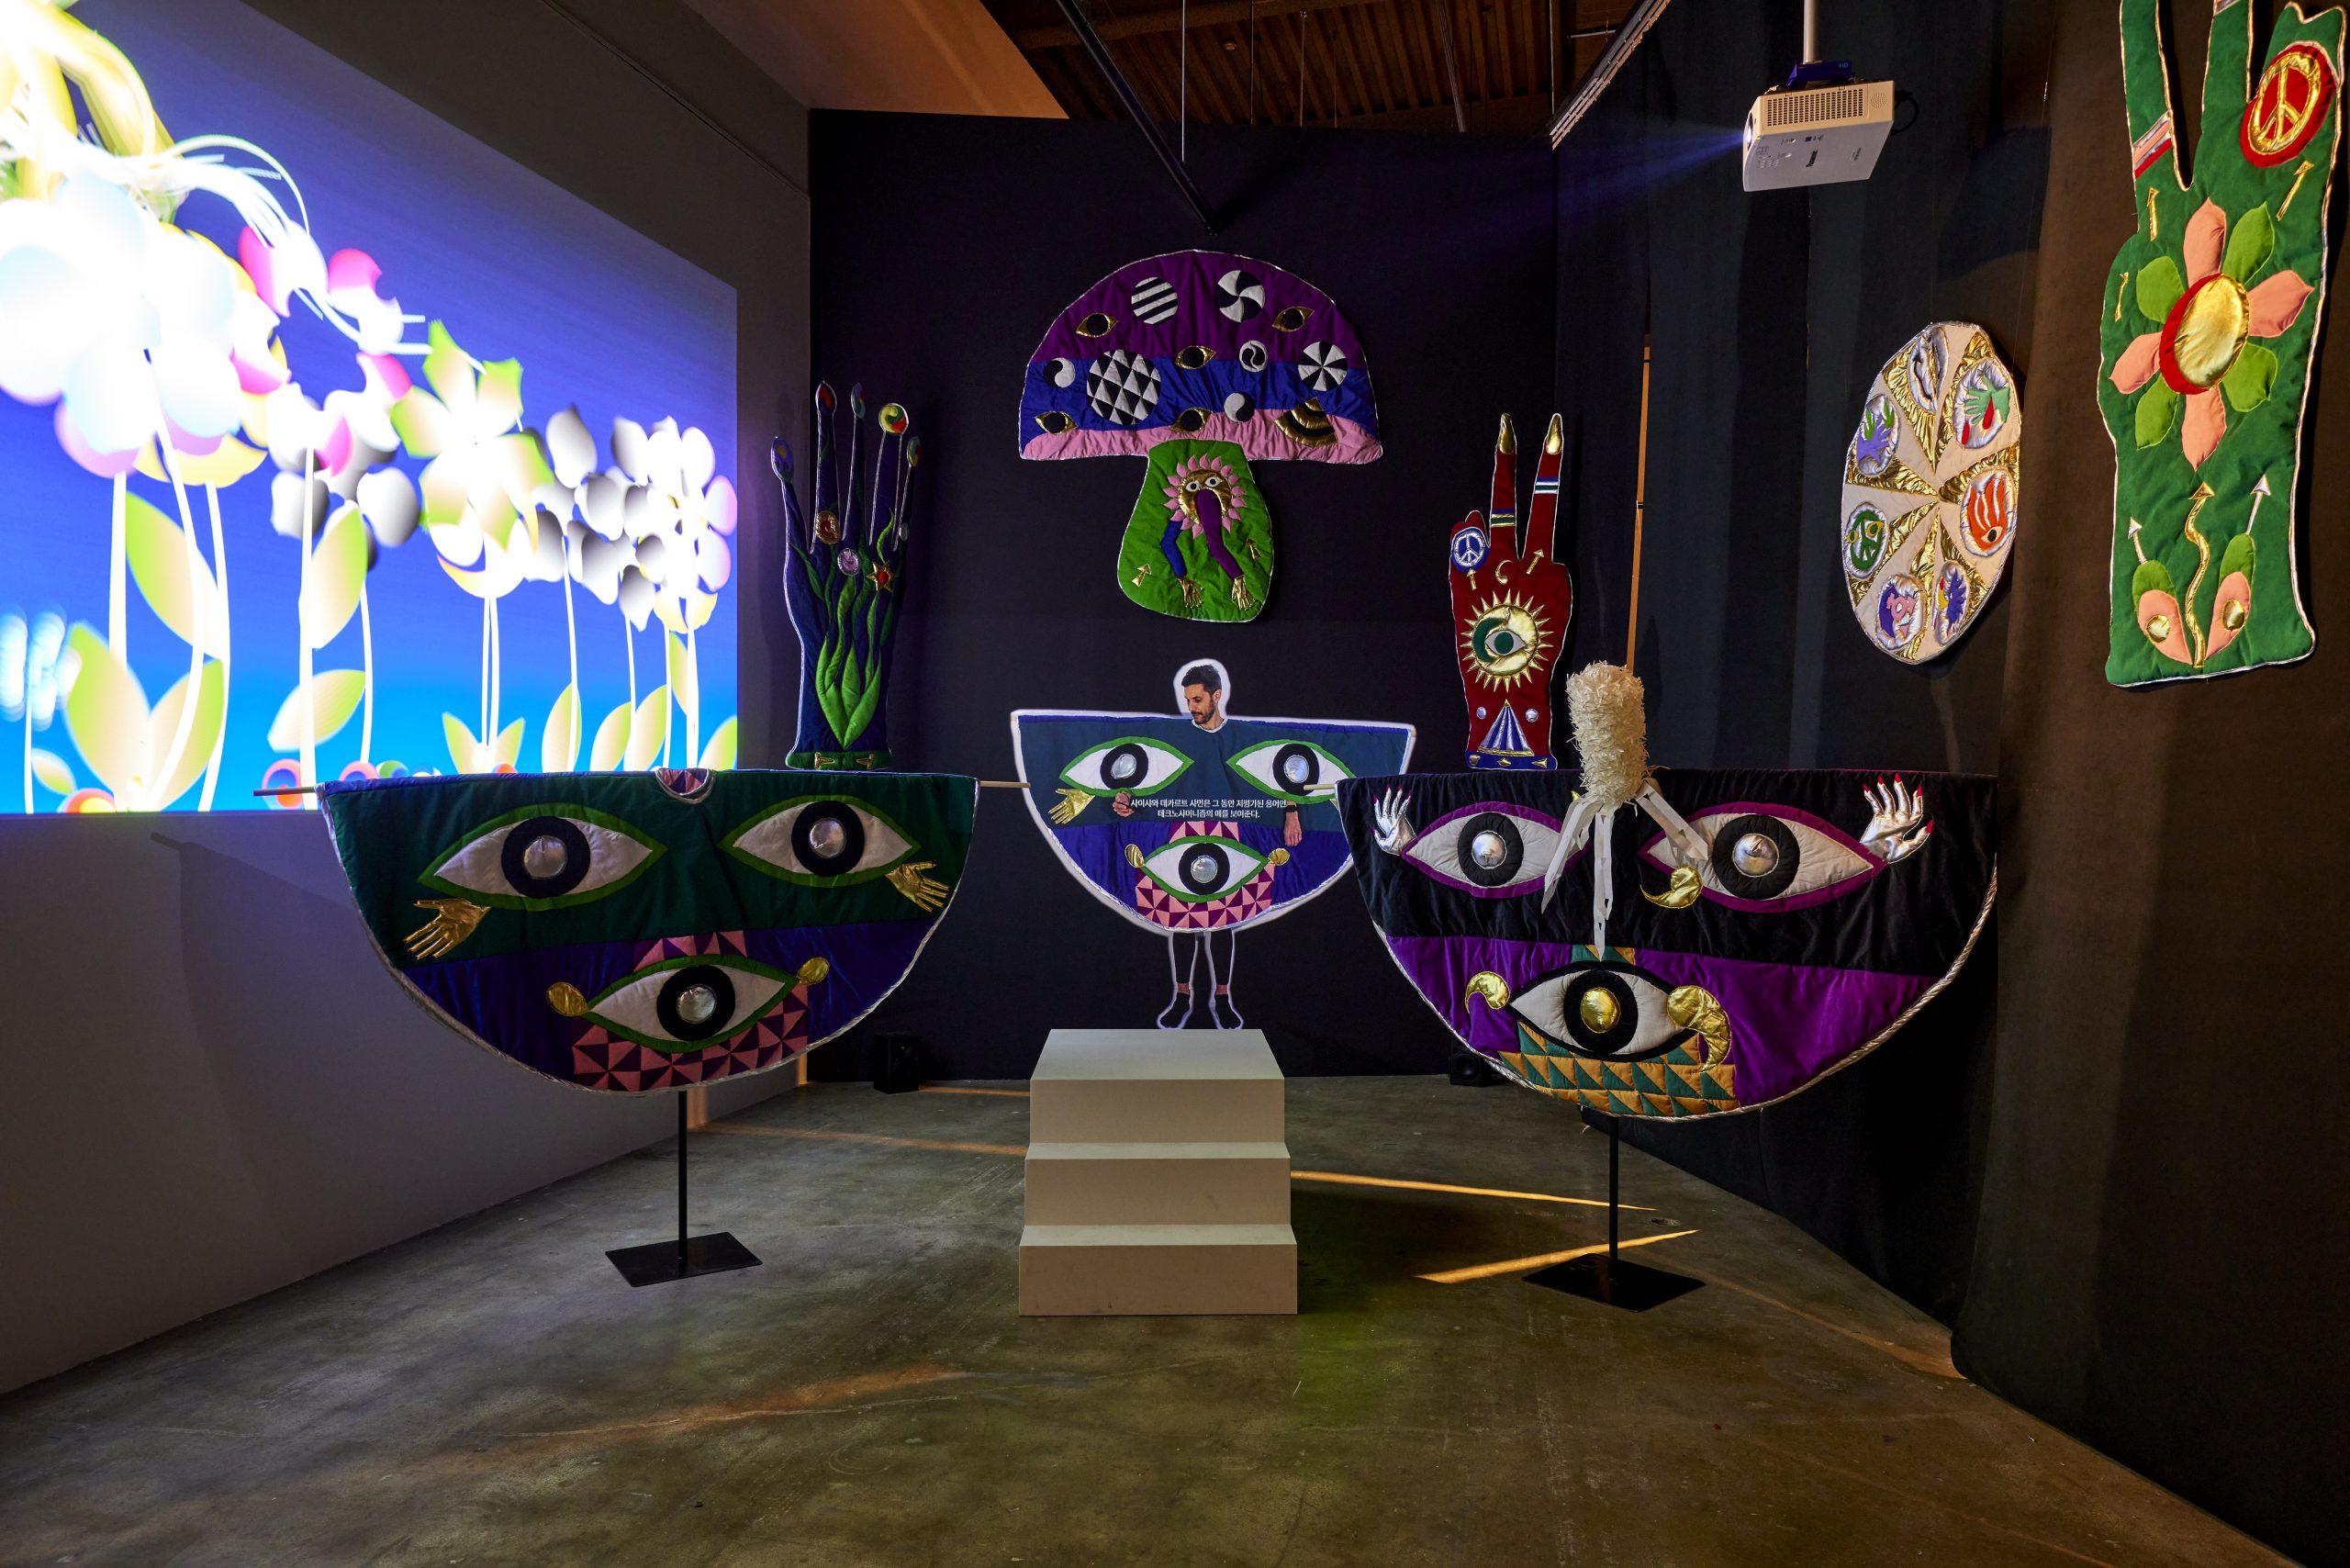 ALCANTARA_13 GWANGJU BIENNALE_7 - Minds Rising, Spirits Tuning exhibitions